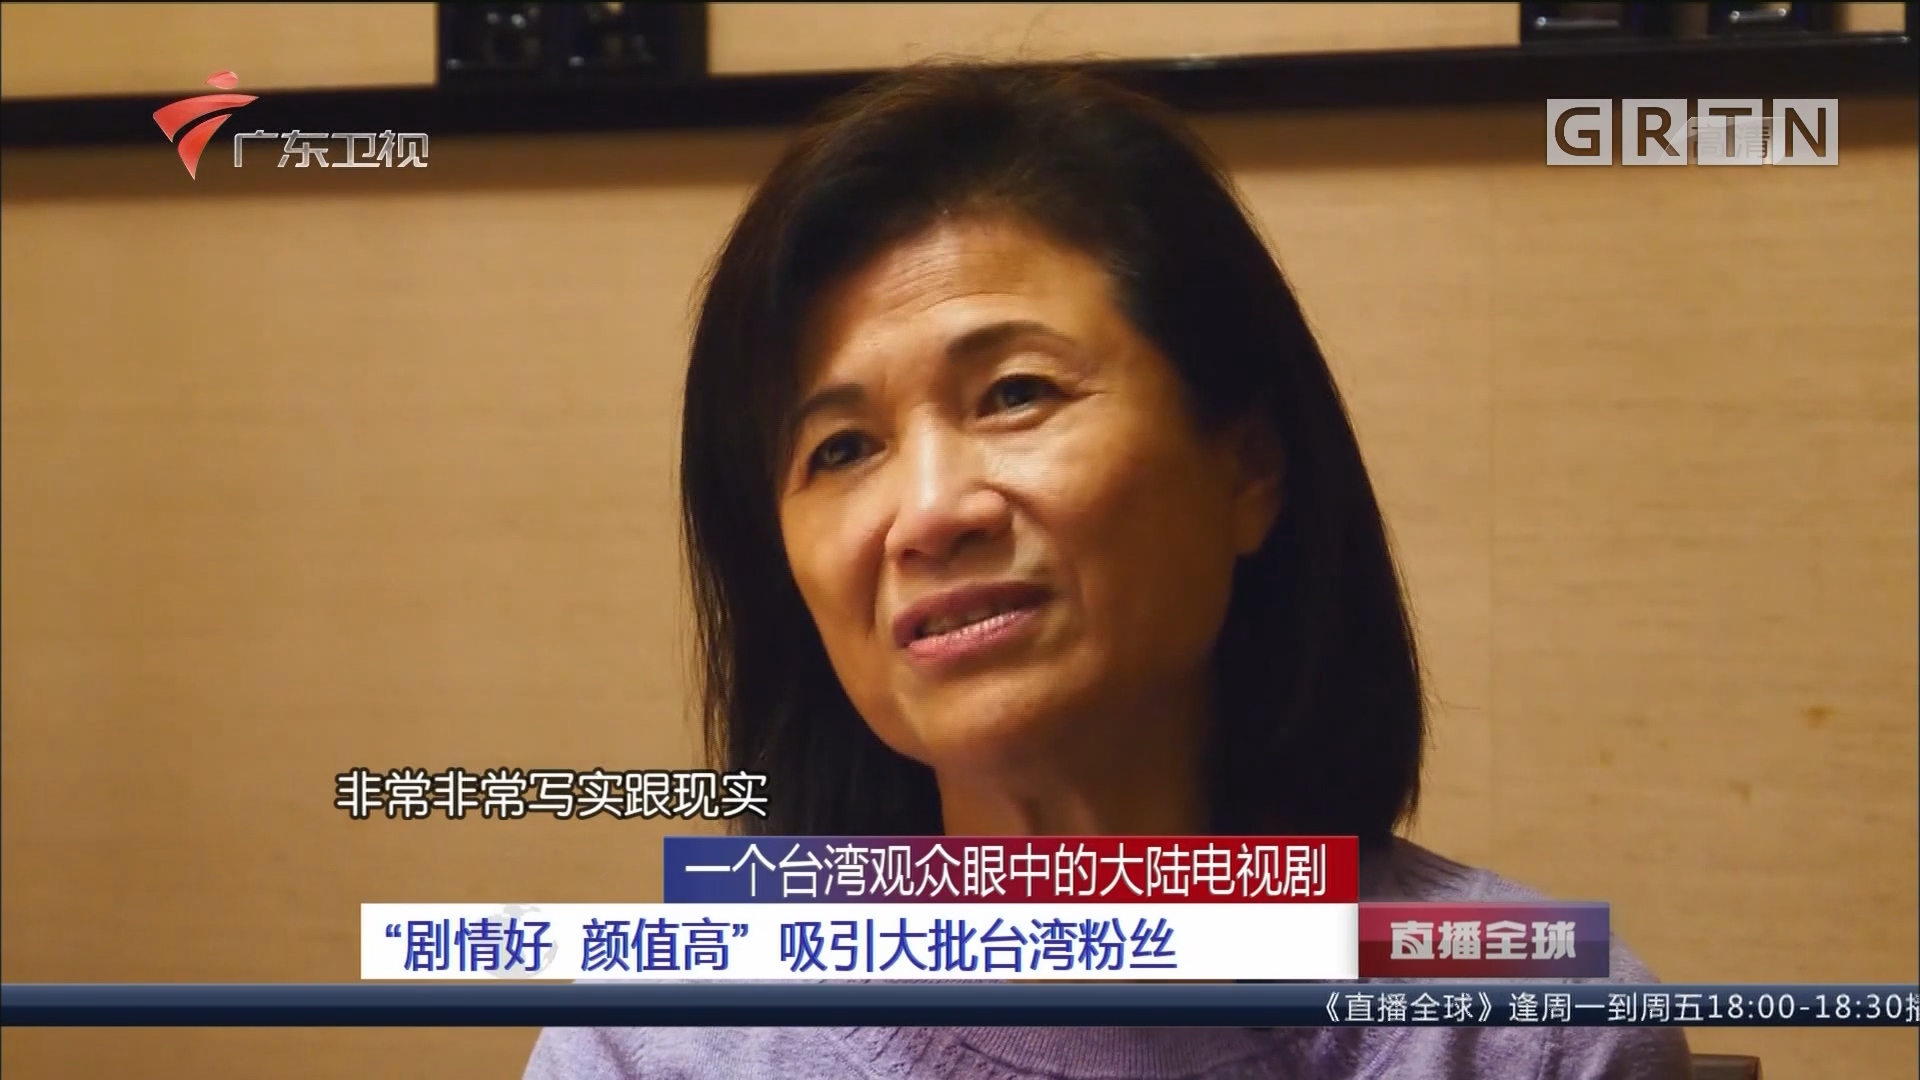 """一个台湾观众眼中的大陆电视剧:""""剧情好 颜值高""""吸引大批台湾粉丝"""